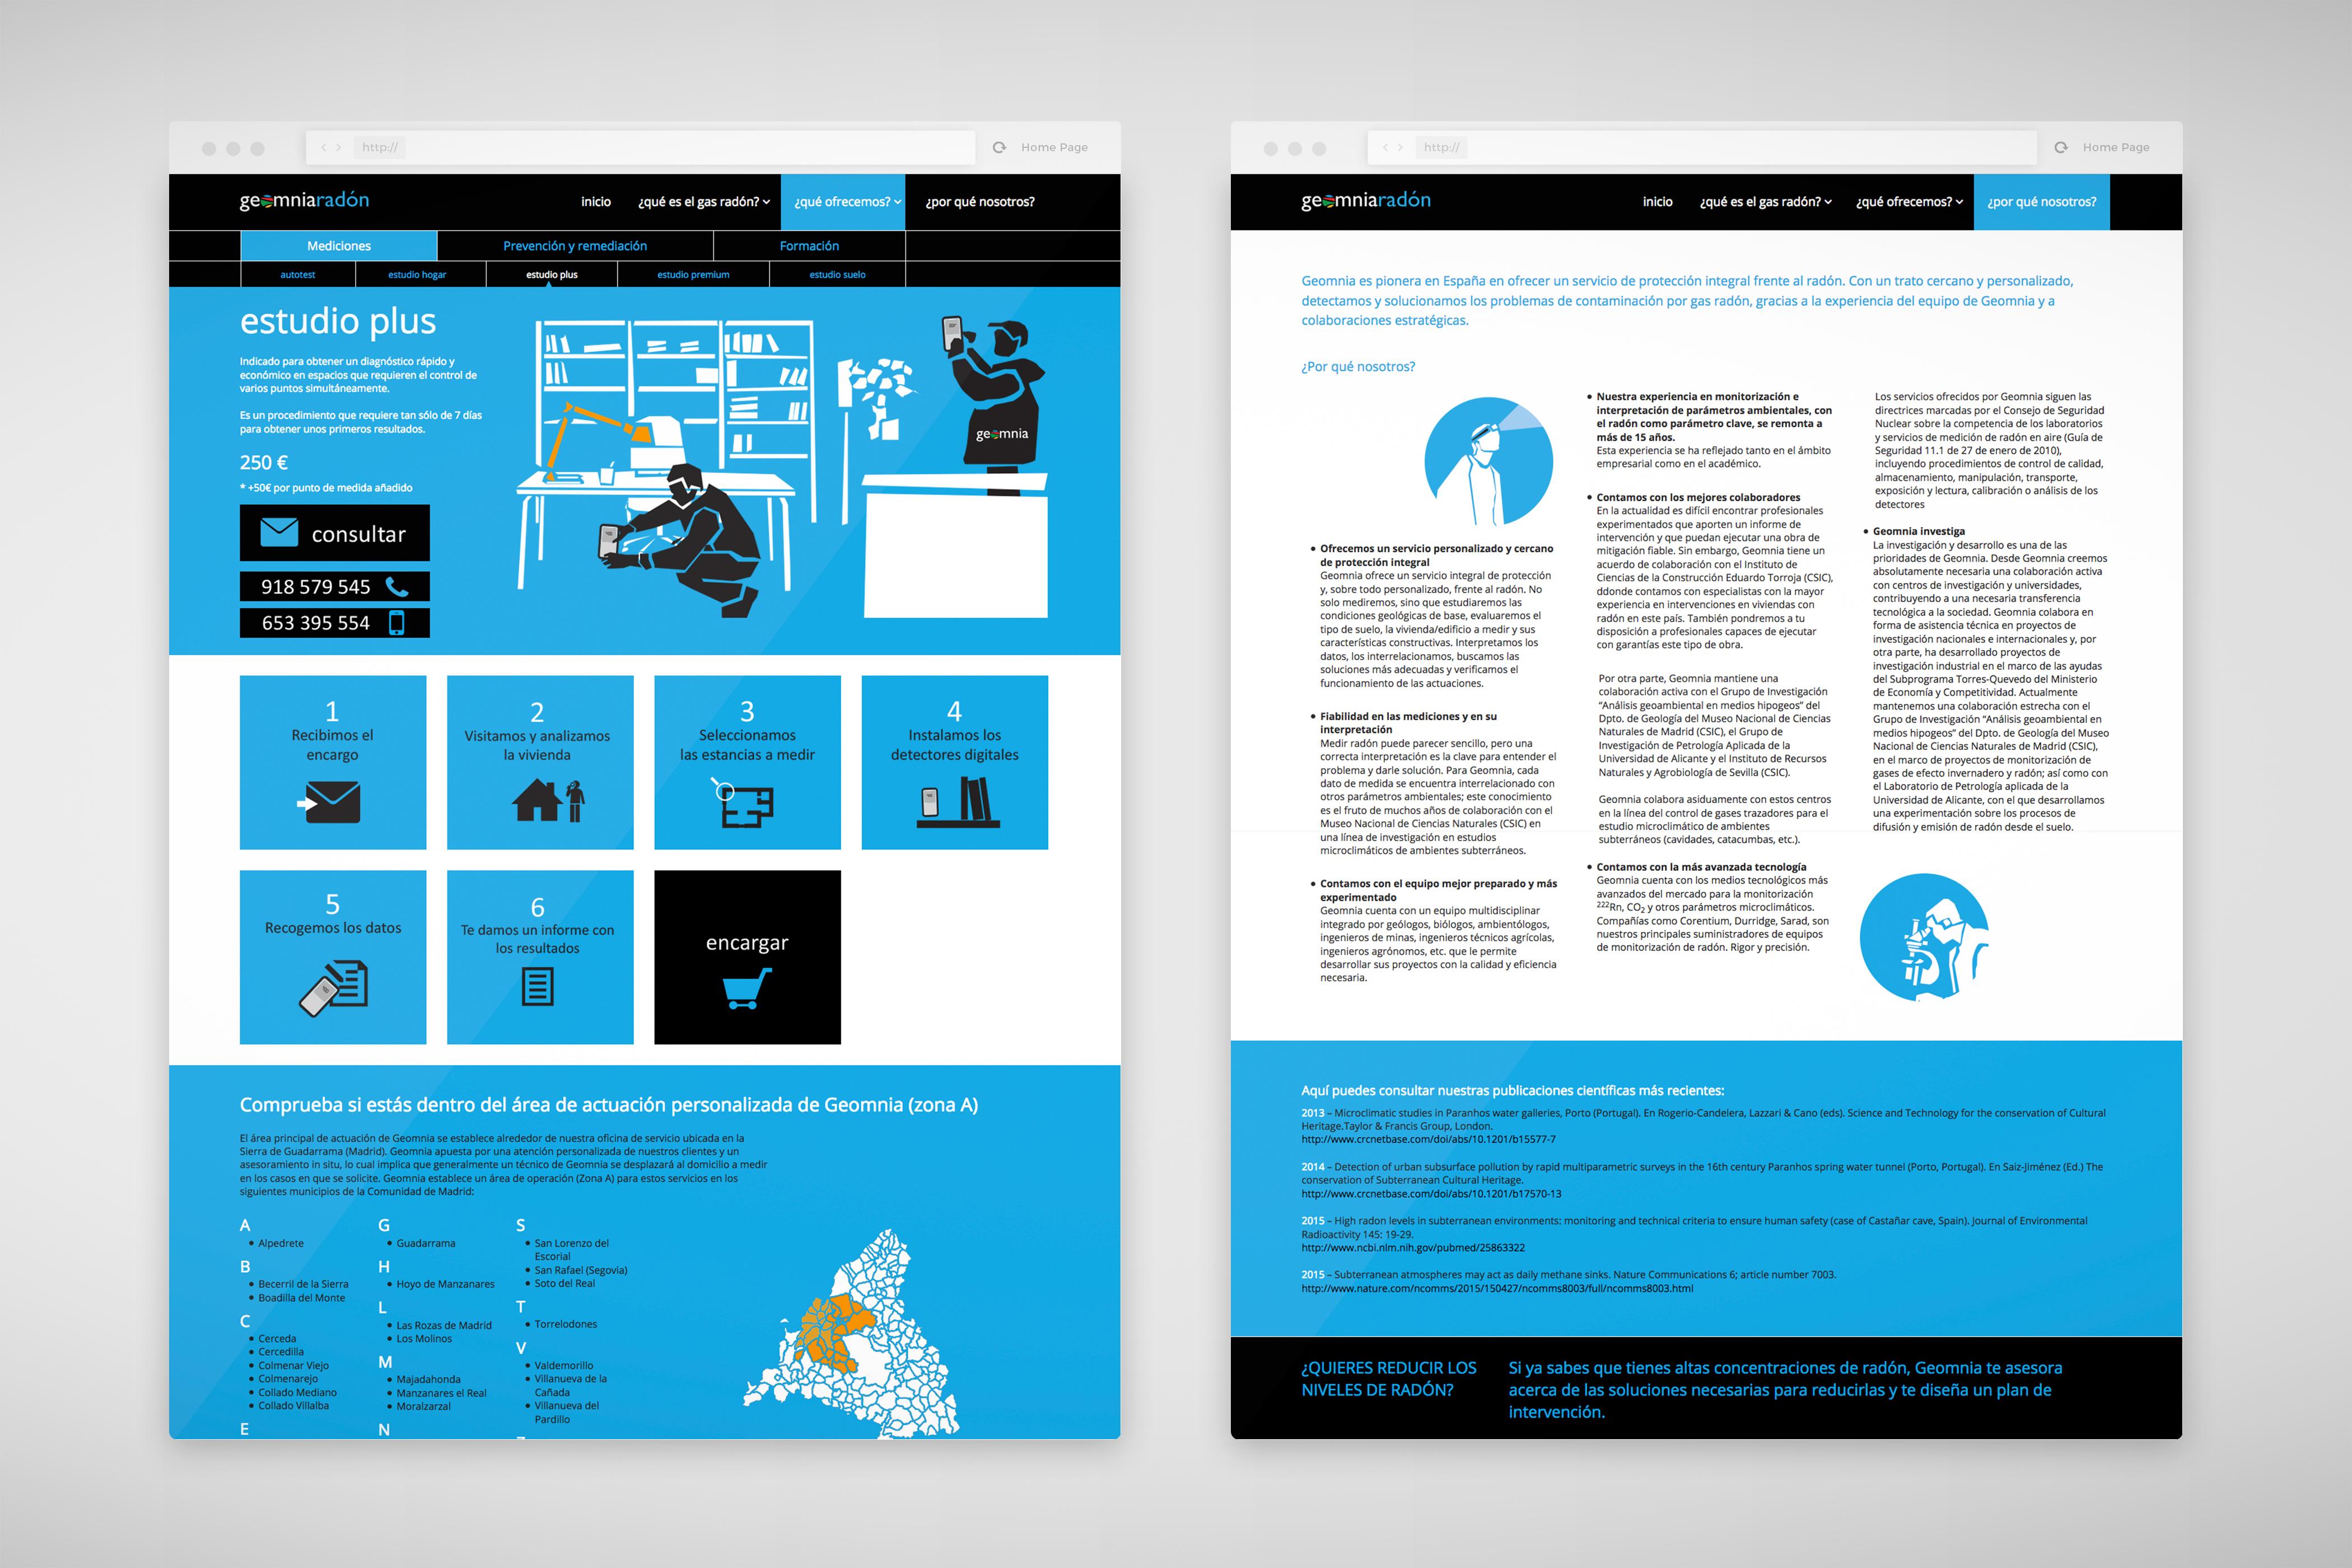 Diseño web Geomnia radón